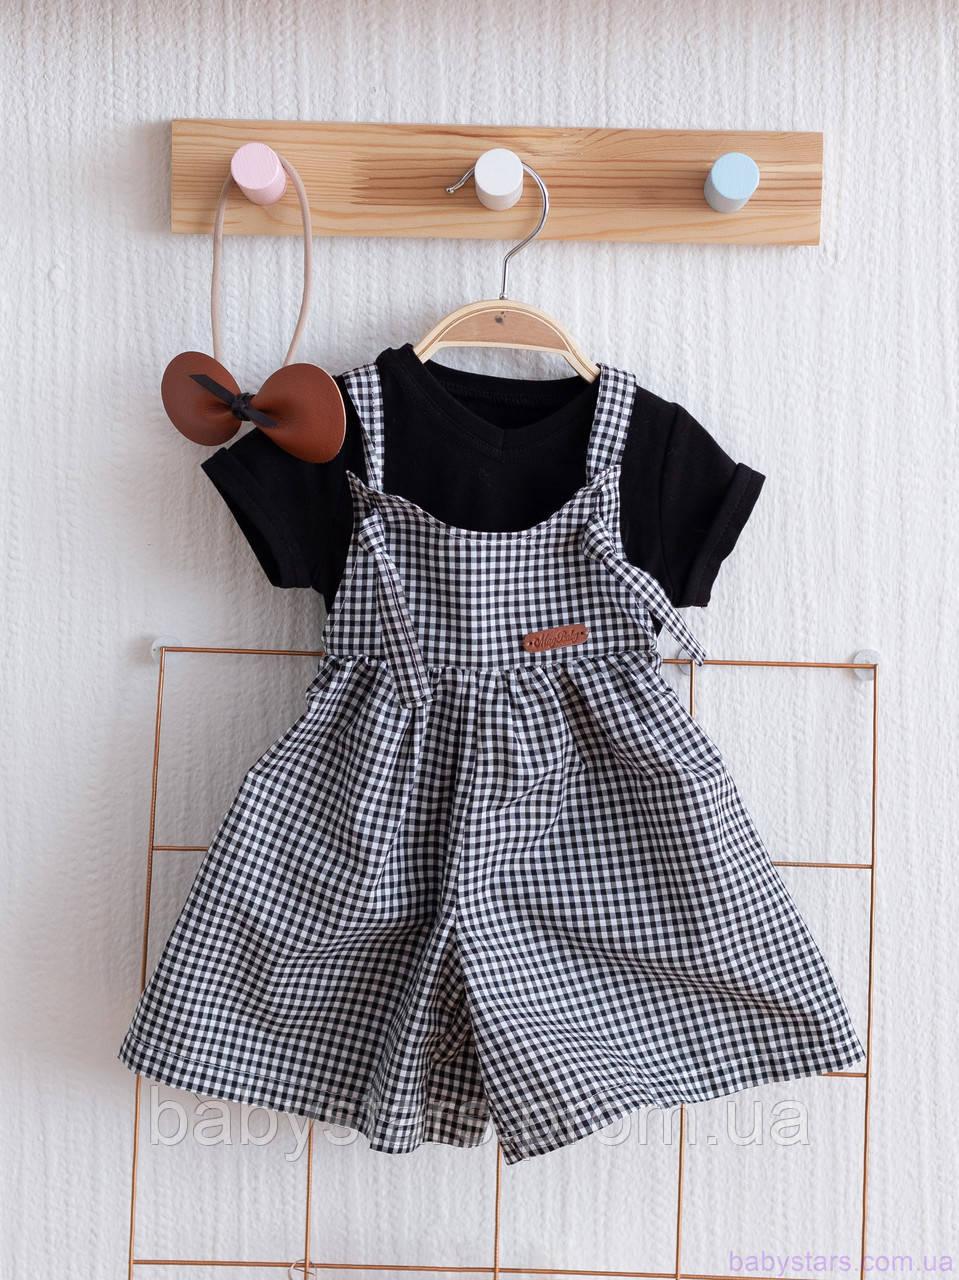 """Набор летней одежды для девочки """"Simply Emily"""" три предмета, Черно-белый"""